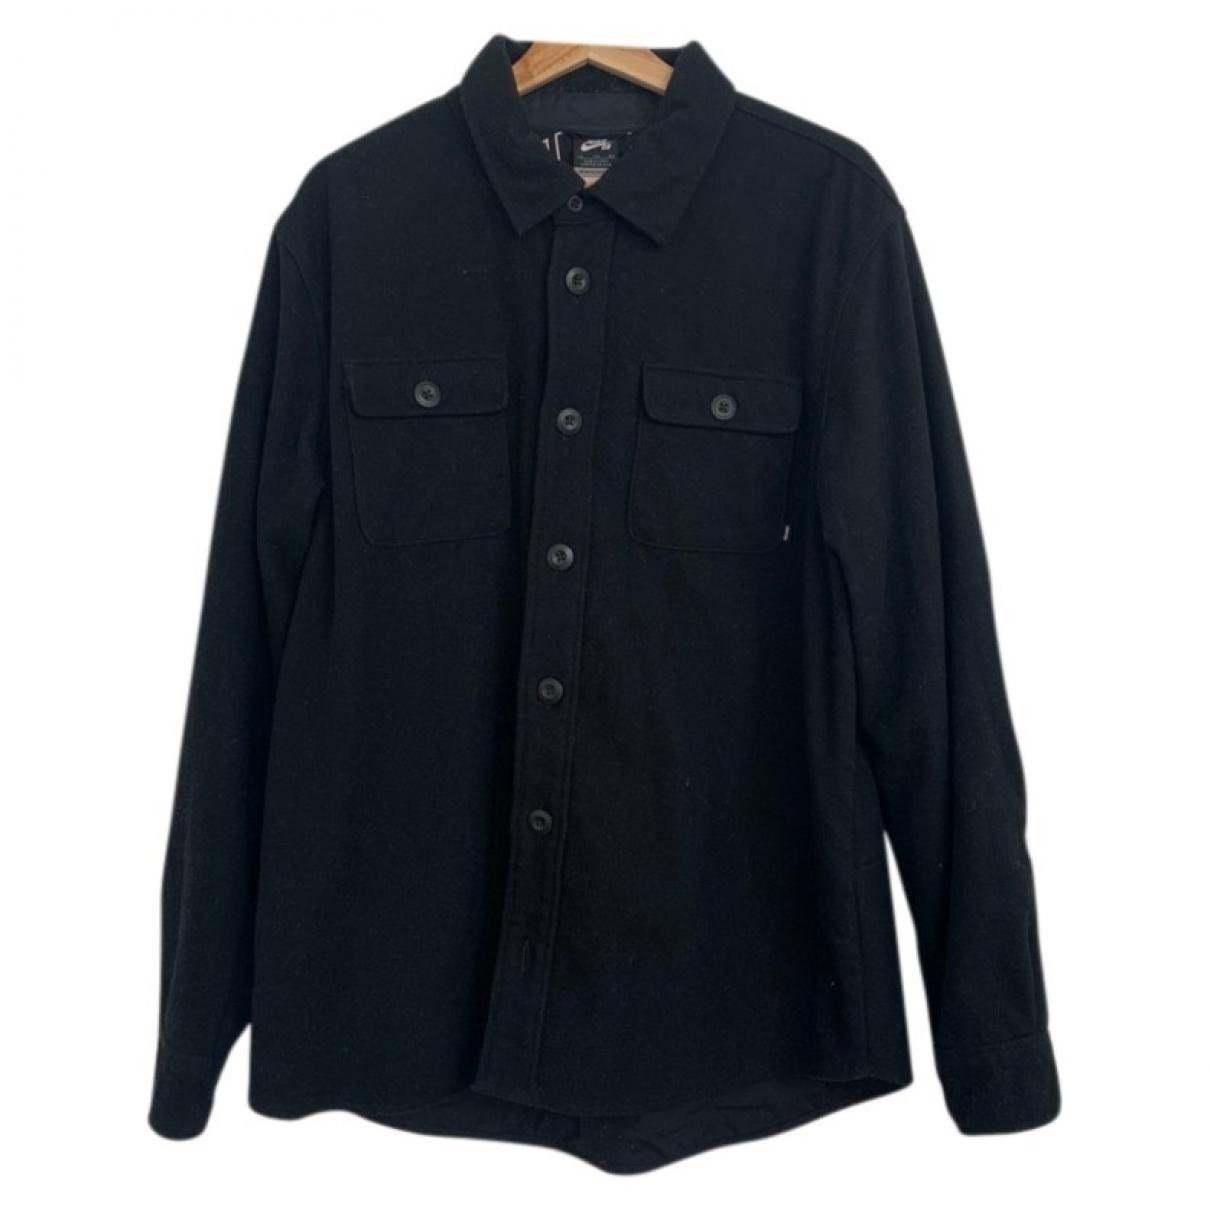 Nike \N Hemden in  Schwarz Wolle